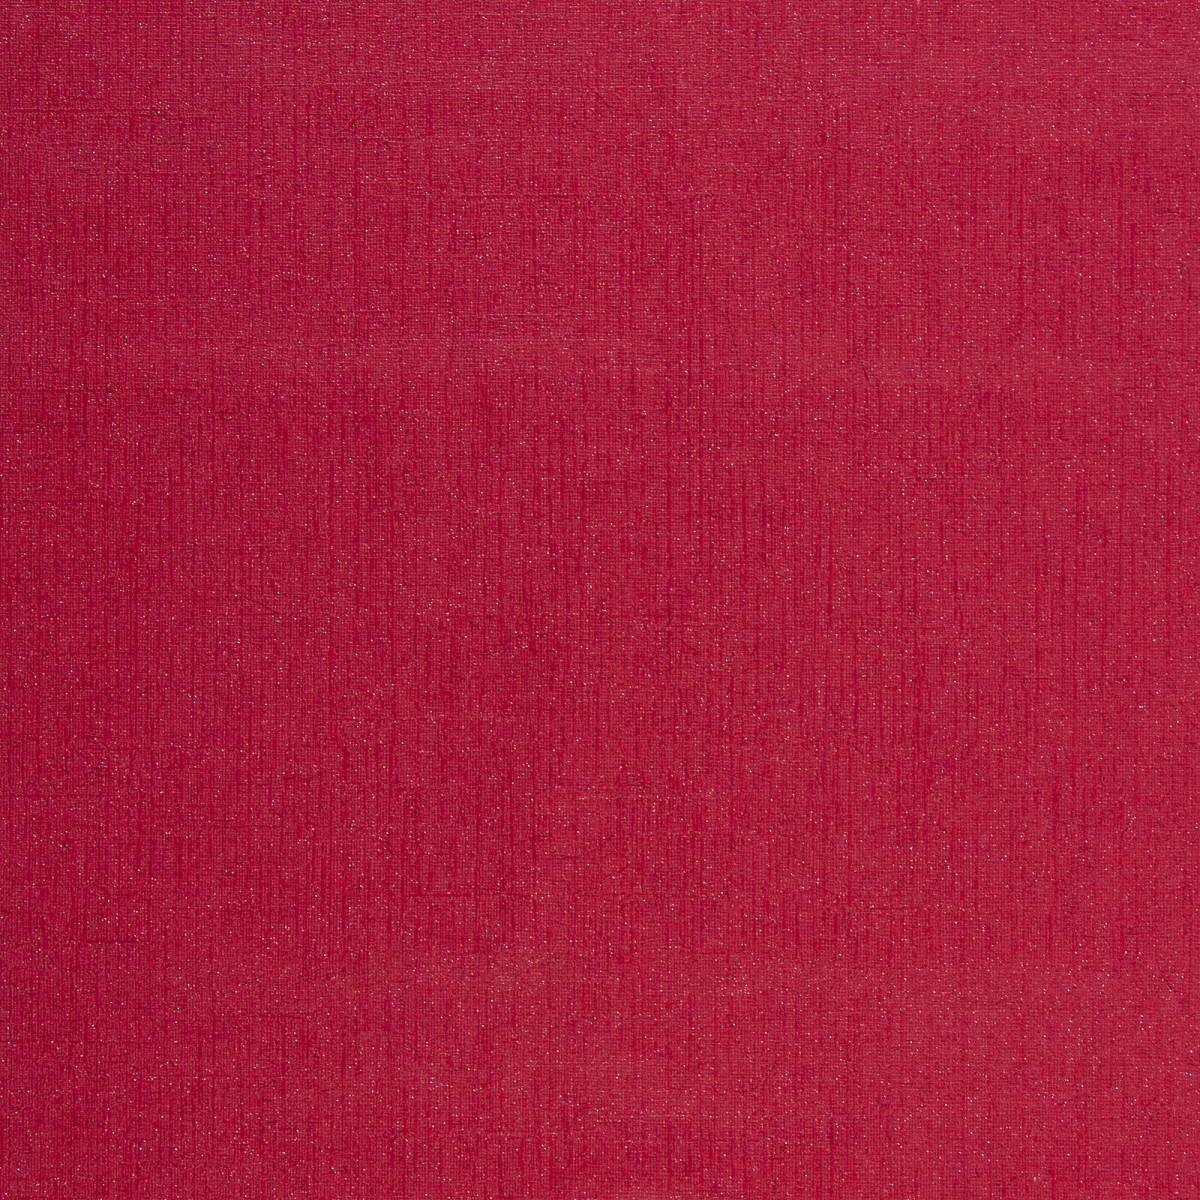 Обои на флизелиновой основе 053х10 м однотон красный Gd 01-08-4